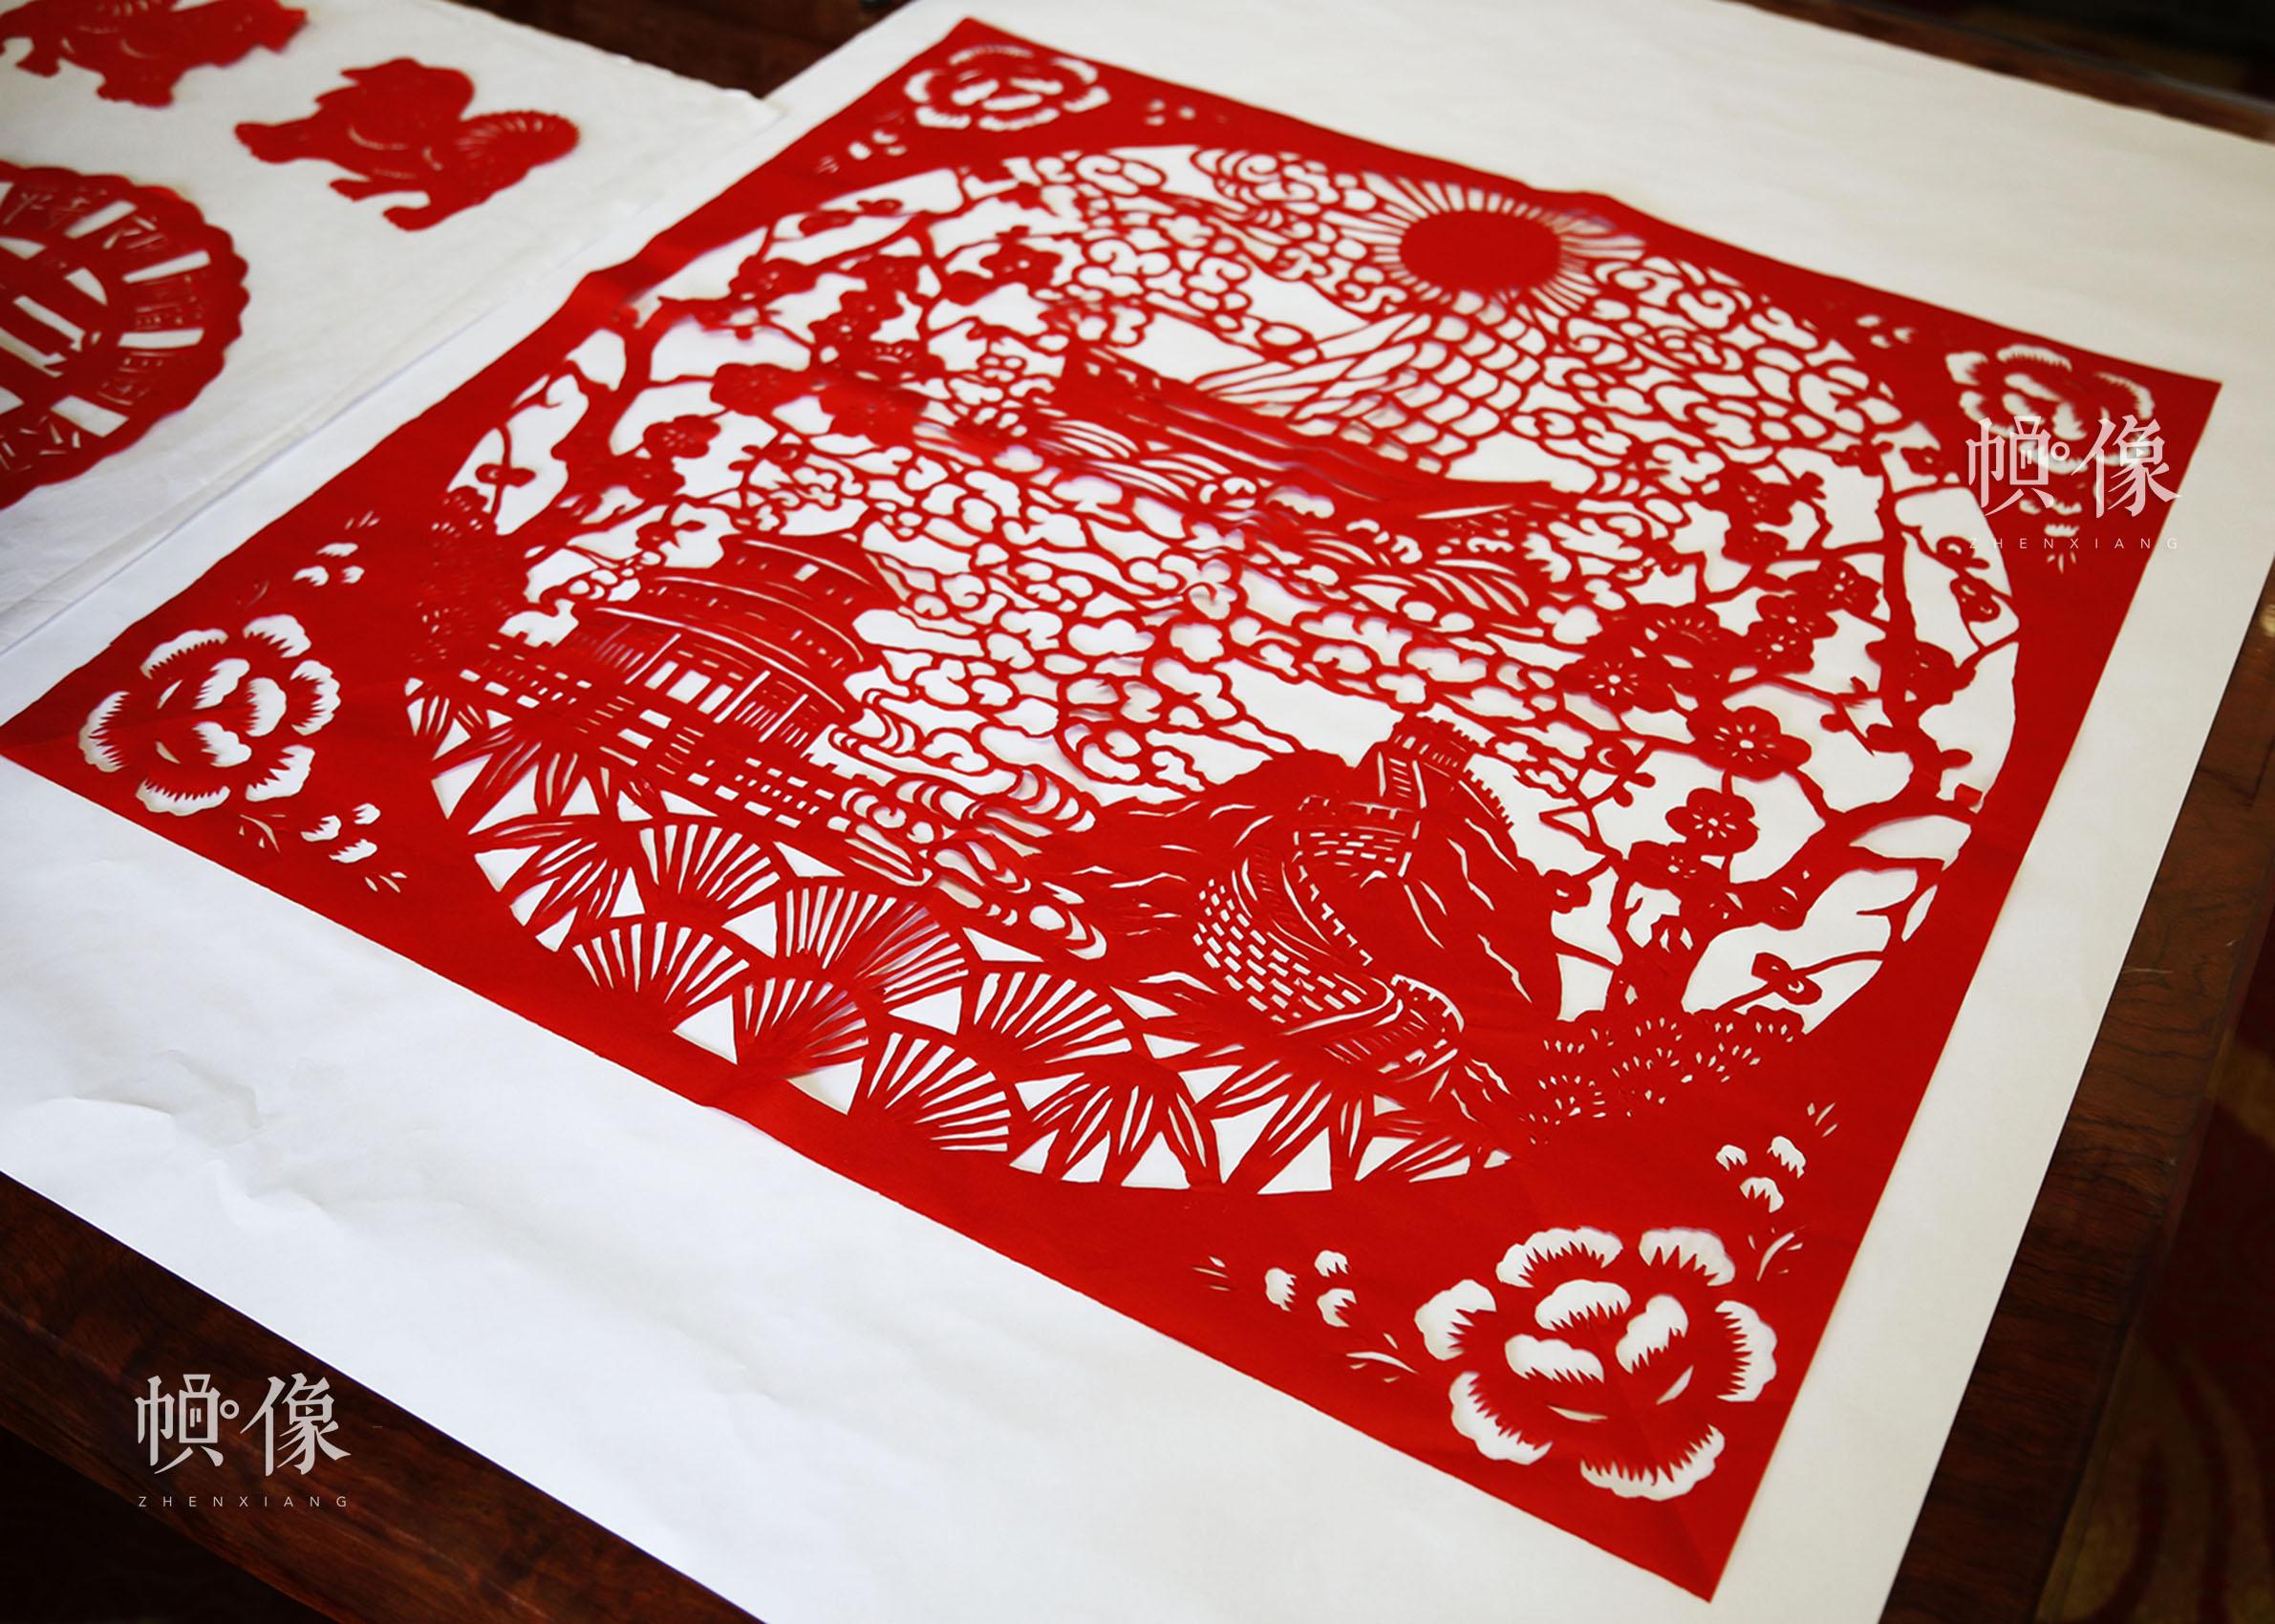 """姚雨林最新制作的剪纸作品,其中包含了""""长城""""""""旭日""""""""帆船""""""""祥云""""等元素,表现了其""""红梅向阳,扬帆远航""""的主题。中国网实习记者 张钰 摄"""